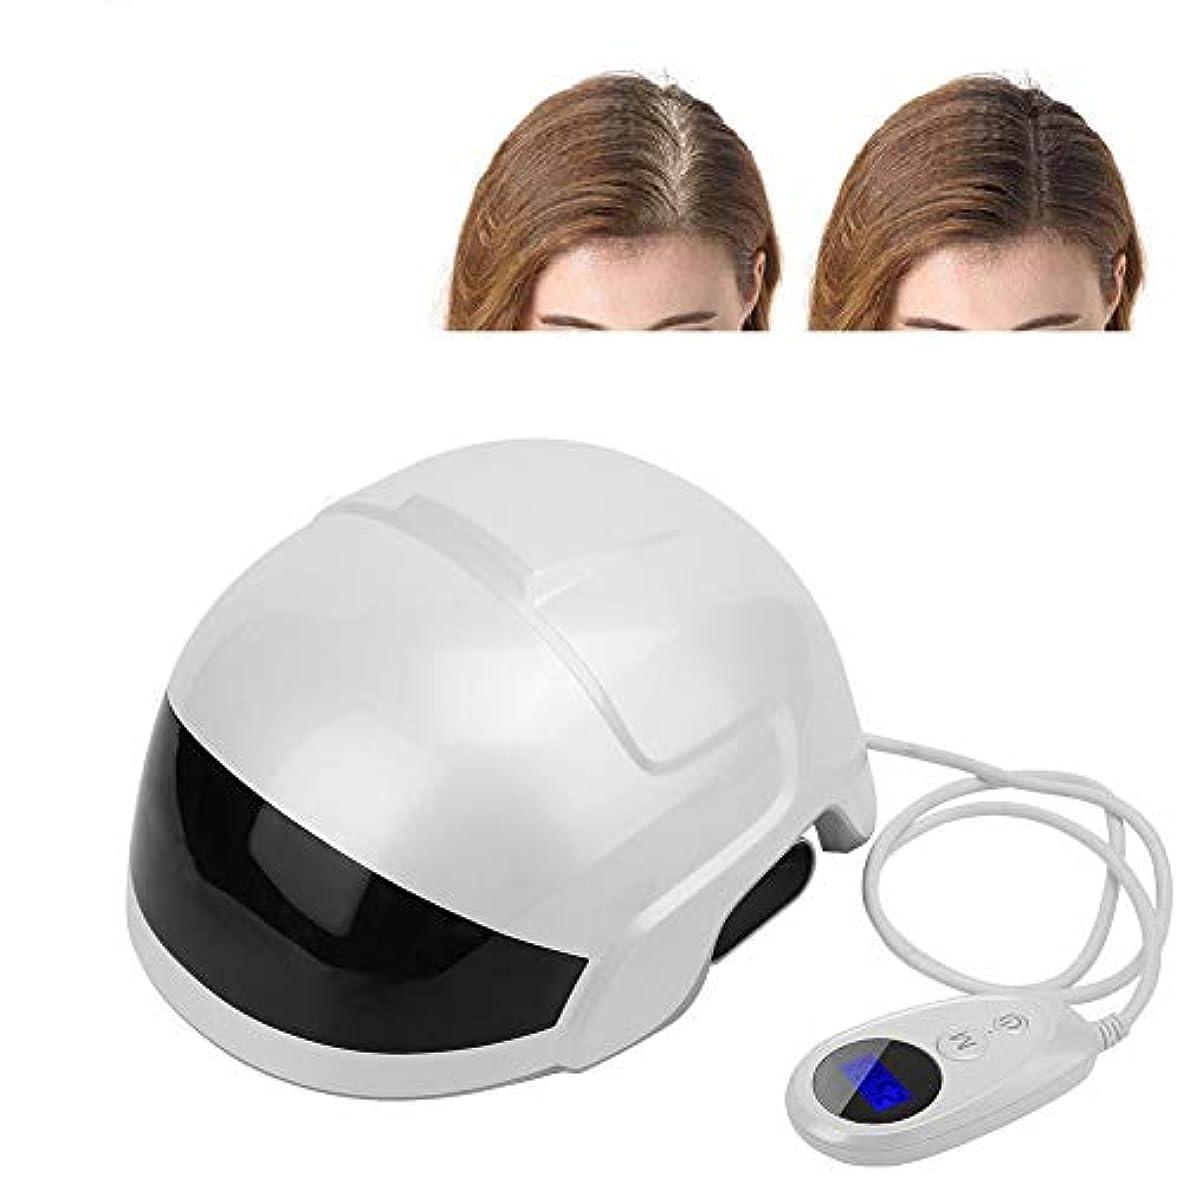 宇宙の犯人実施する育毛システム赤外線脱毛ヘルメットキャップ薄毛の男性と女性のための自然な脱毛ソリューション(米国のプラグ)